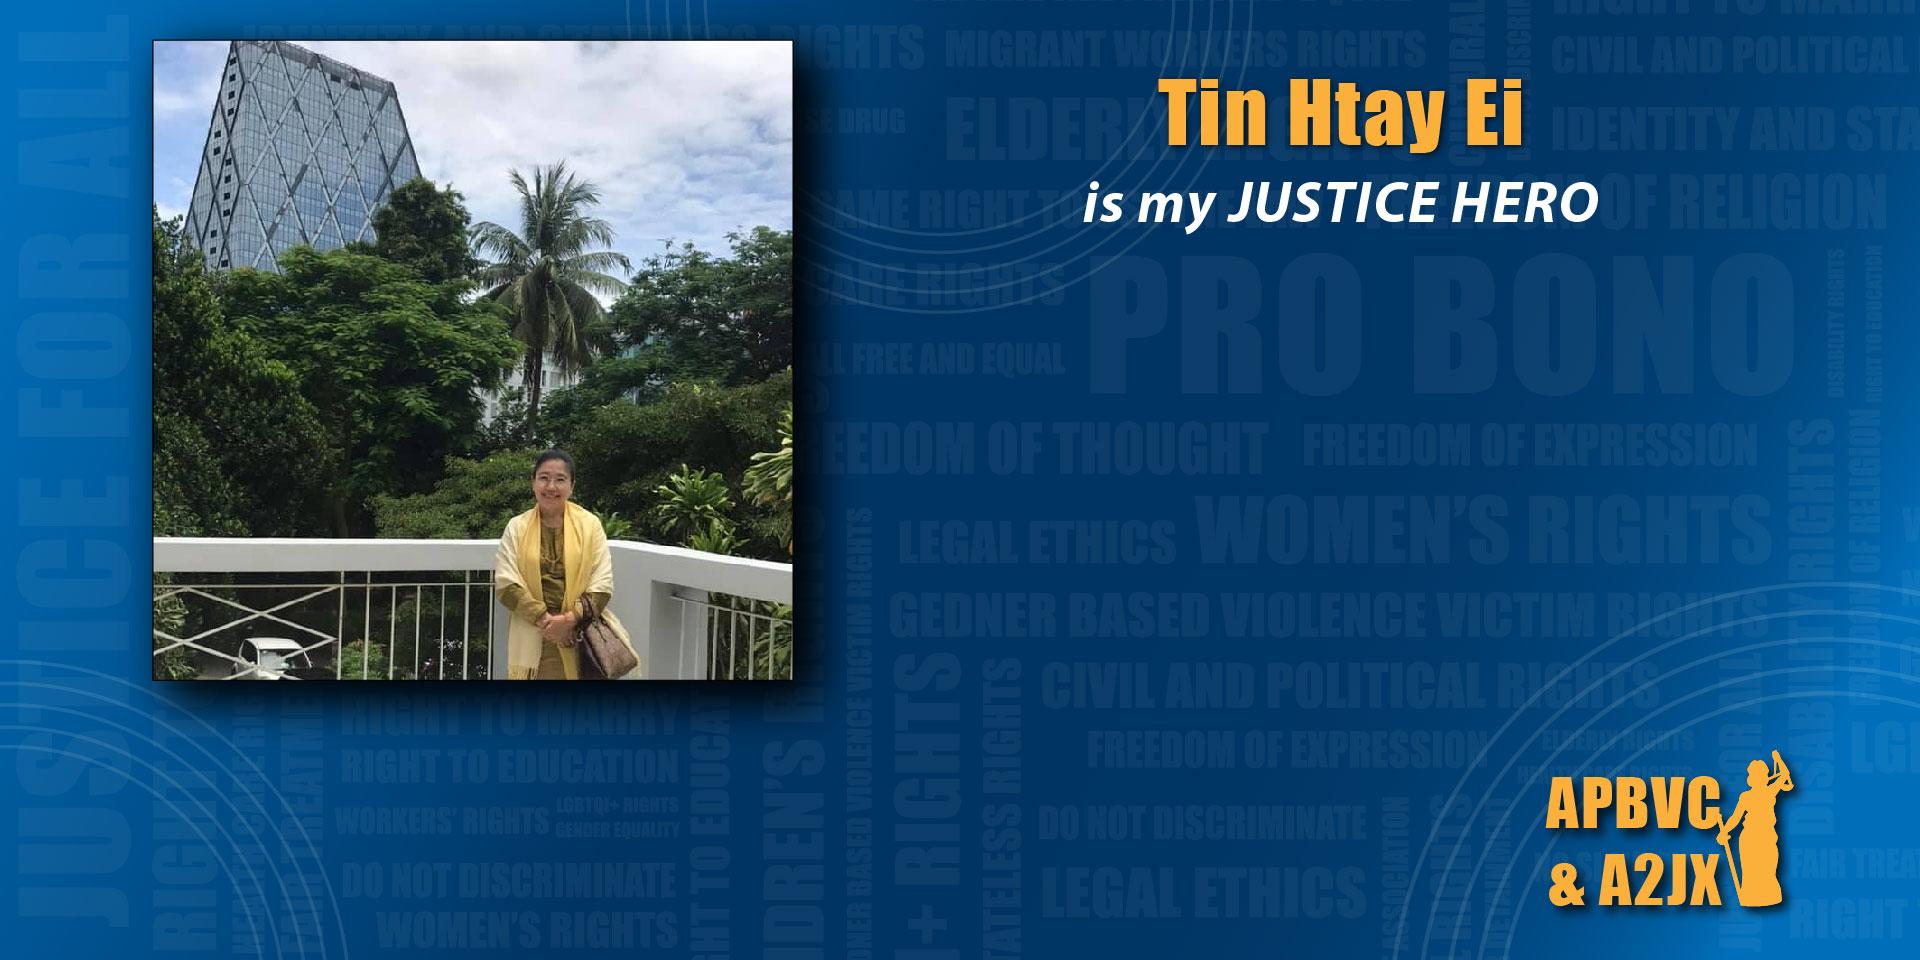 Tin Htay Ei